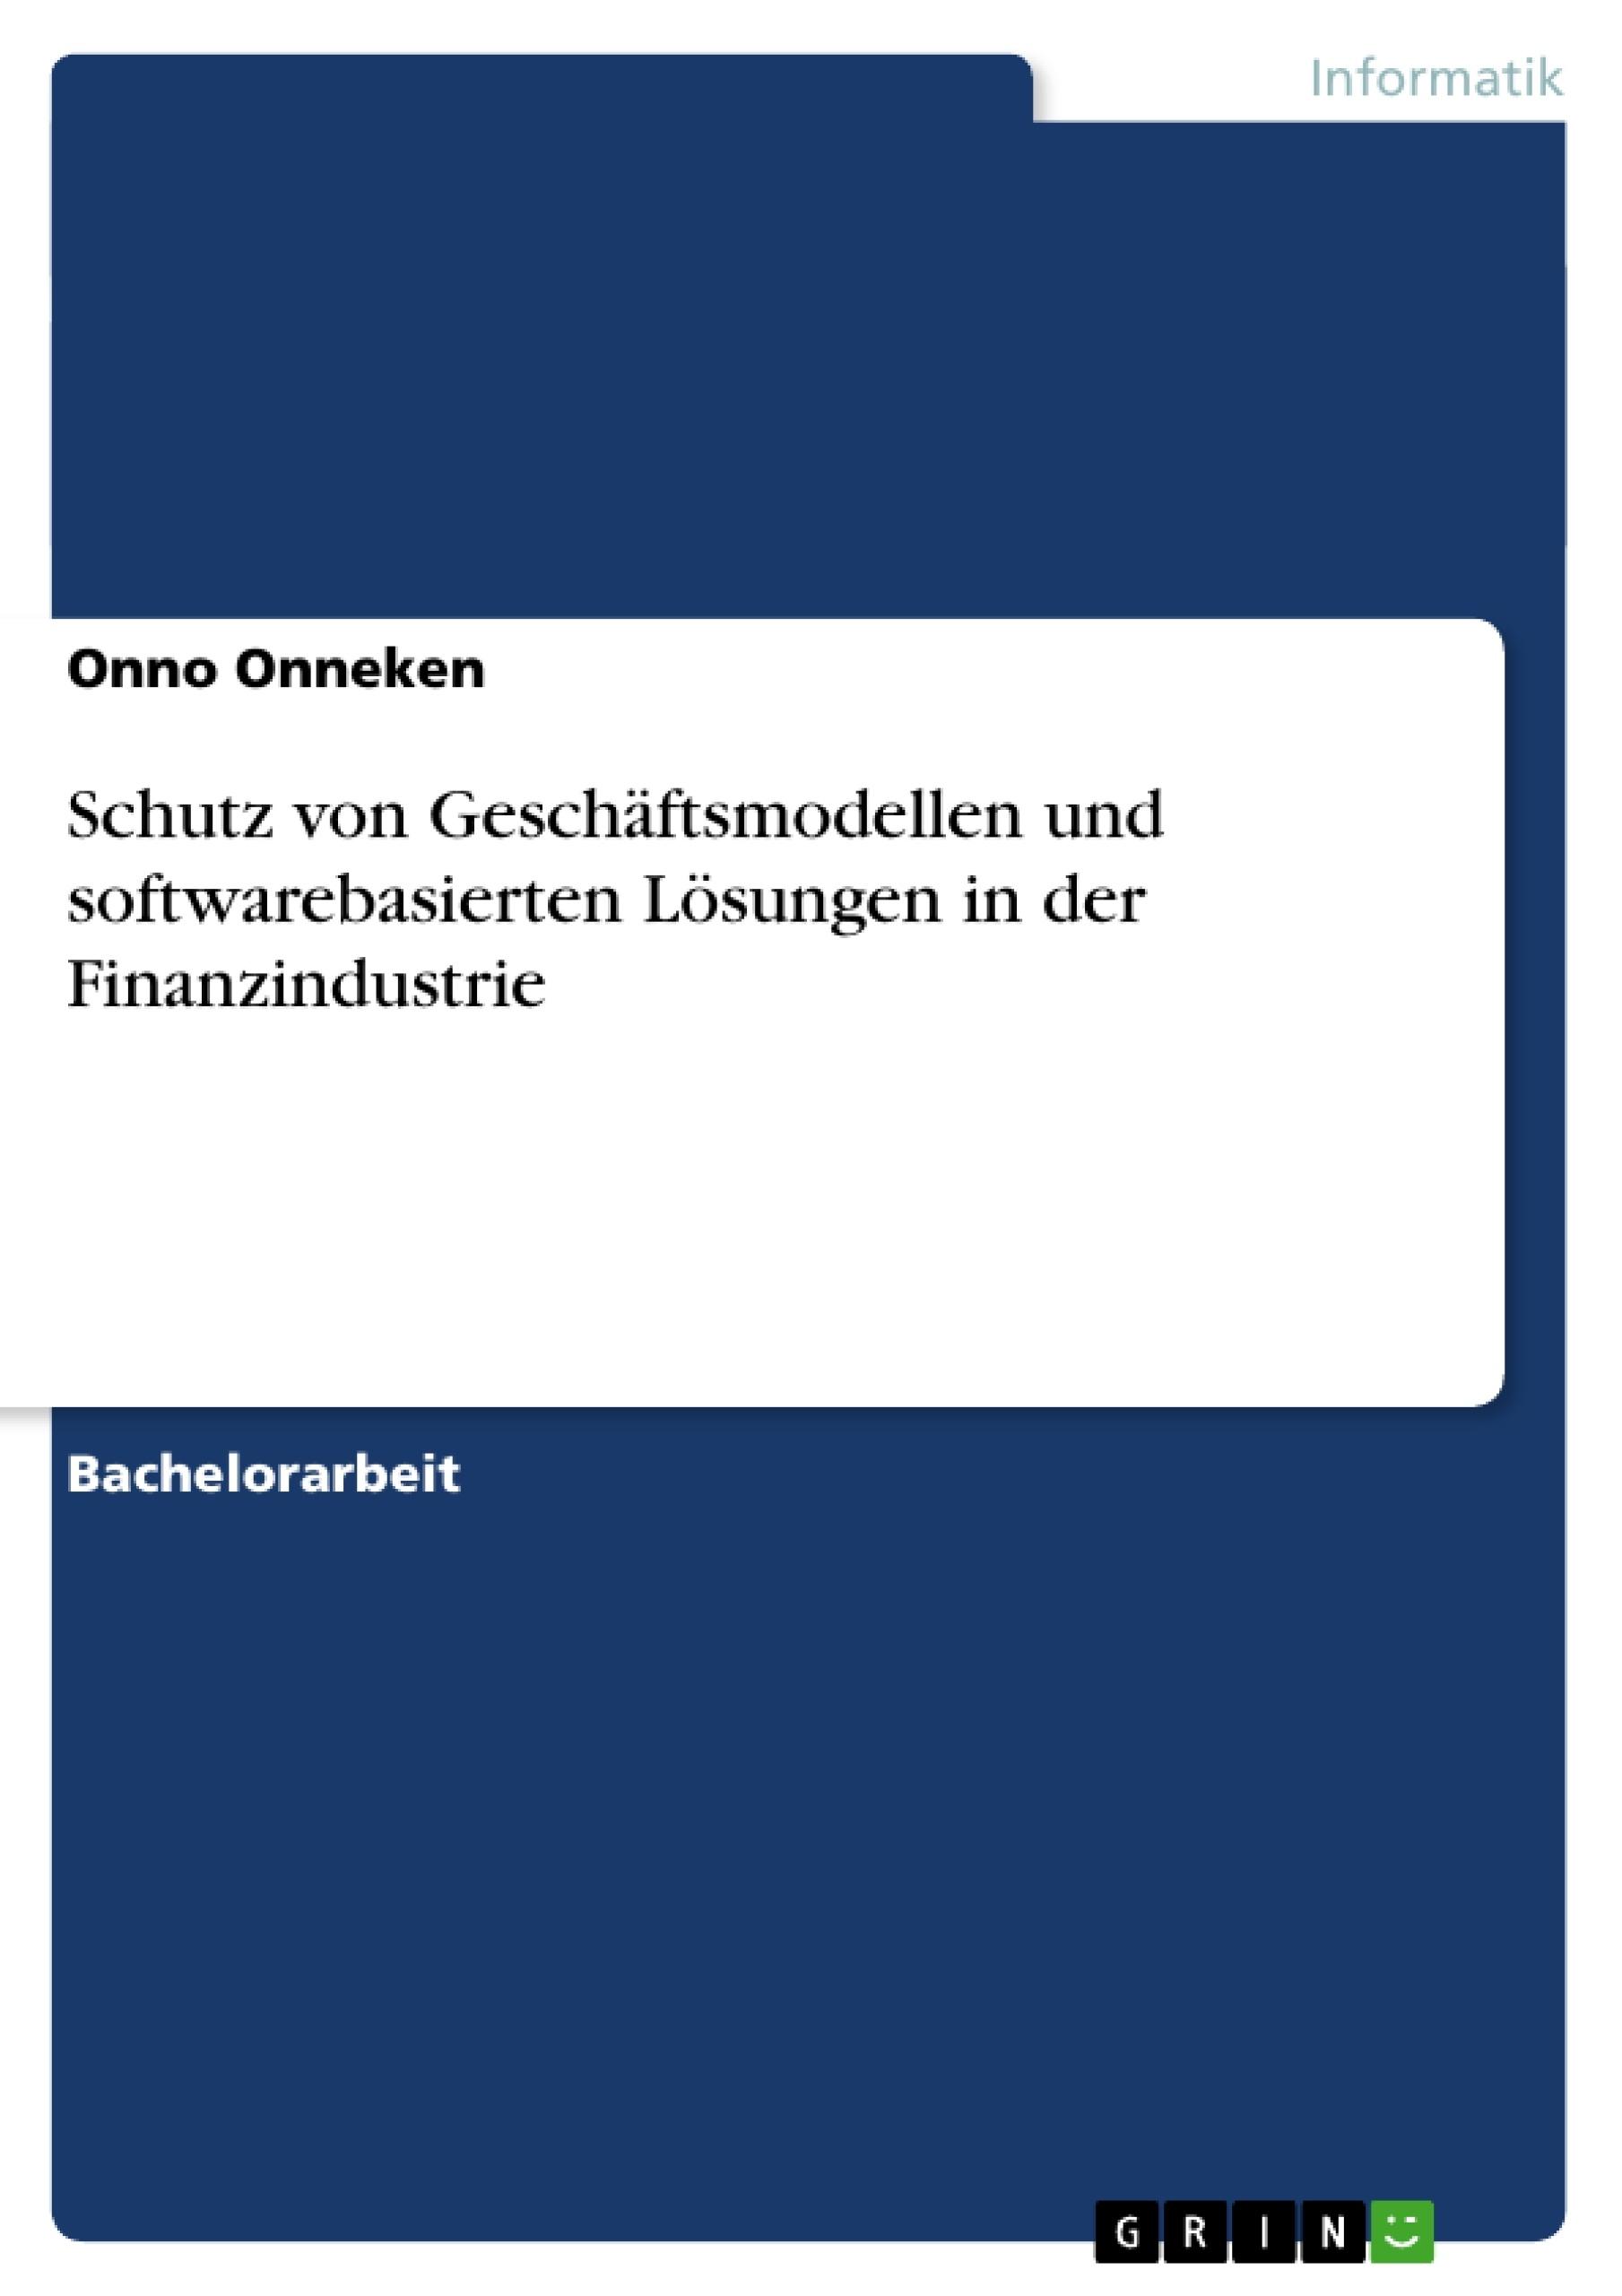 Titel: Schutz von Geschäftsmodellen und softwarebasierten Lösungen in der Finanzindustrie